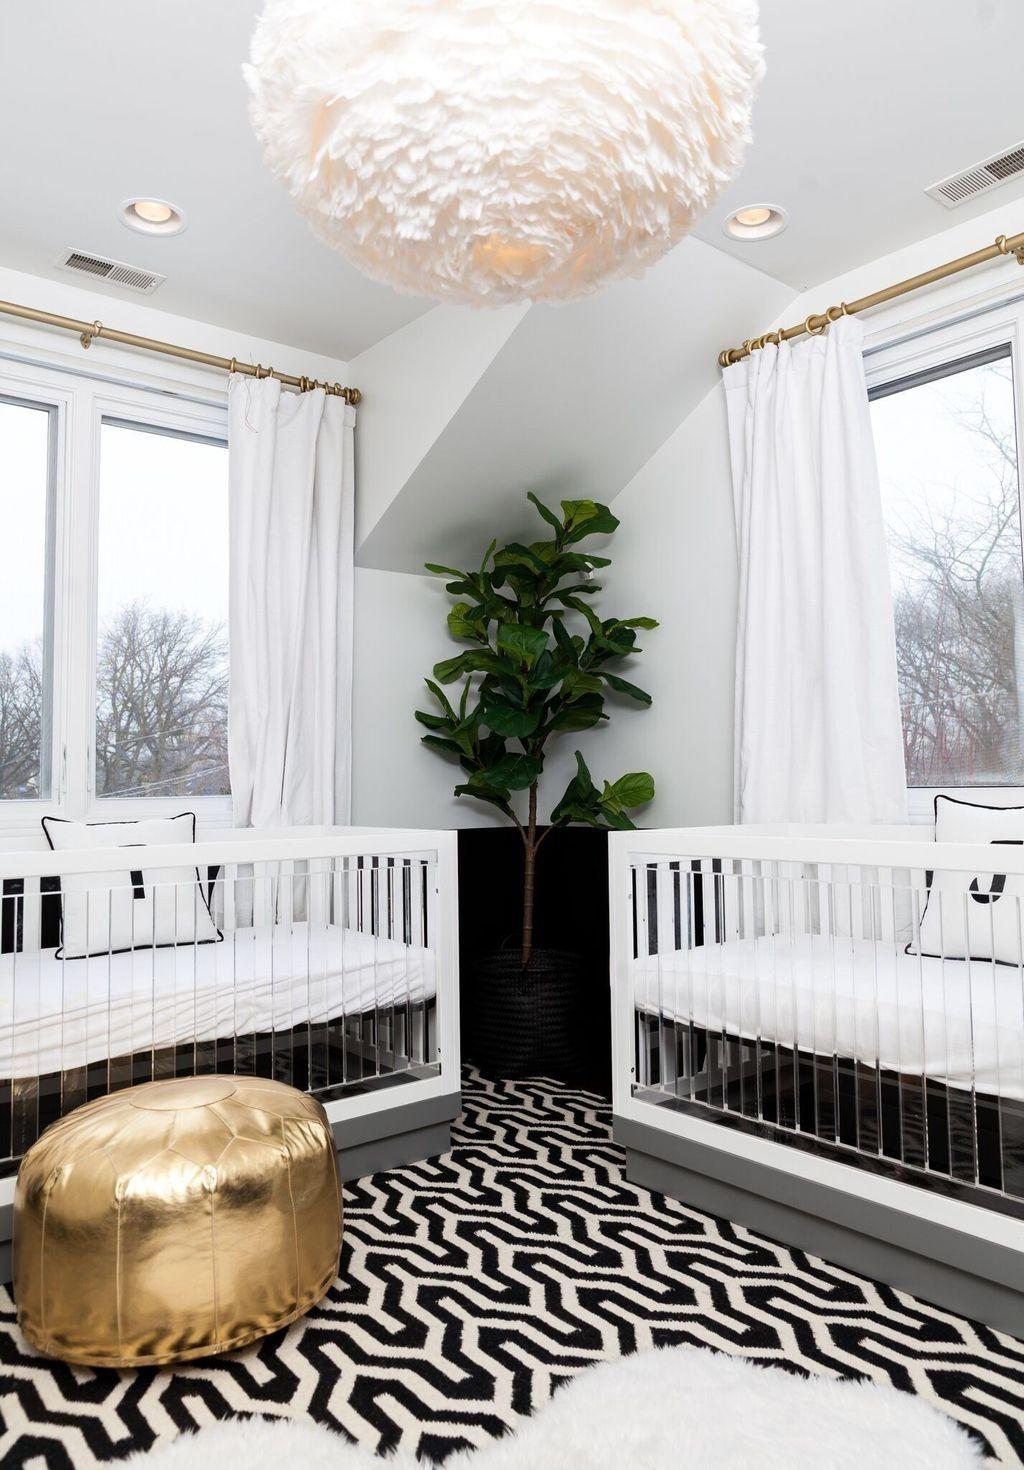 Unique Baby Boy Room Ideas: 46 Unique Nursery Room Ideas For Baby Twins